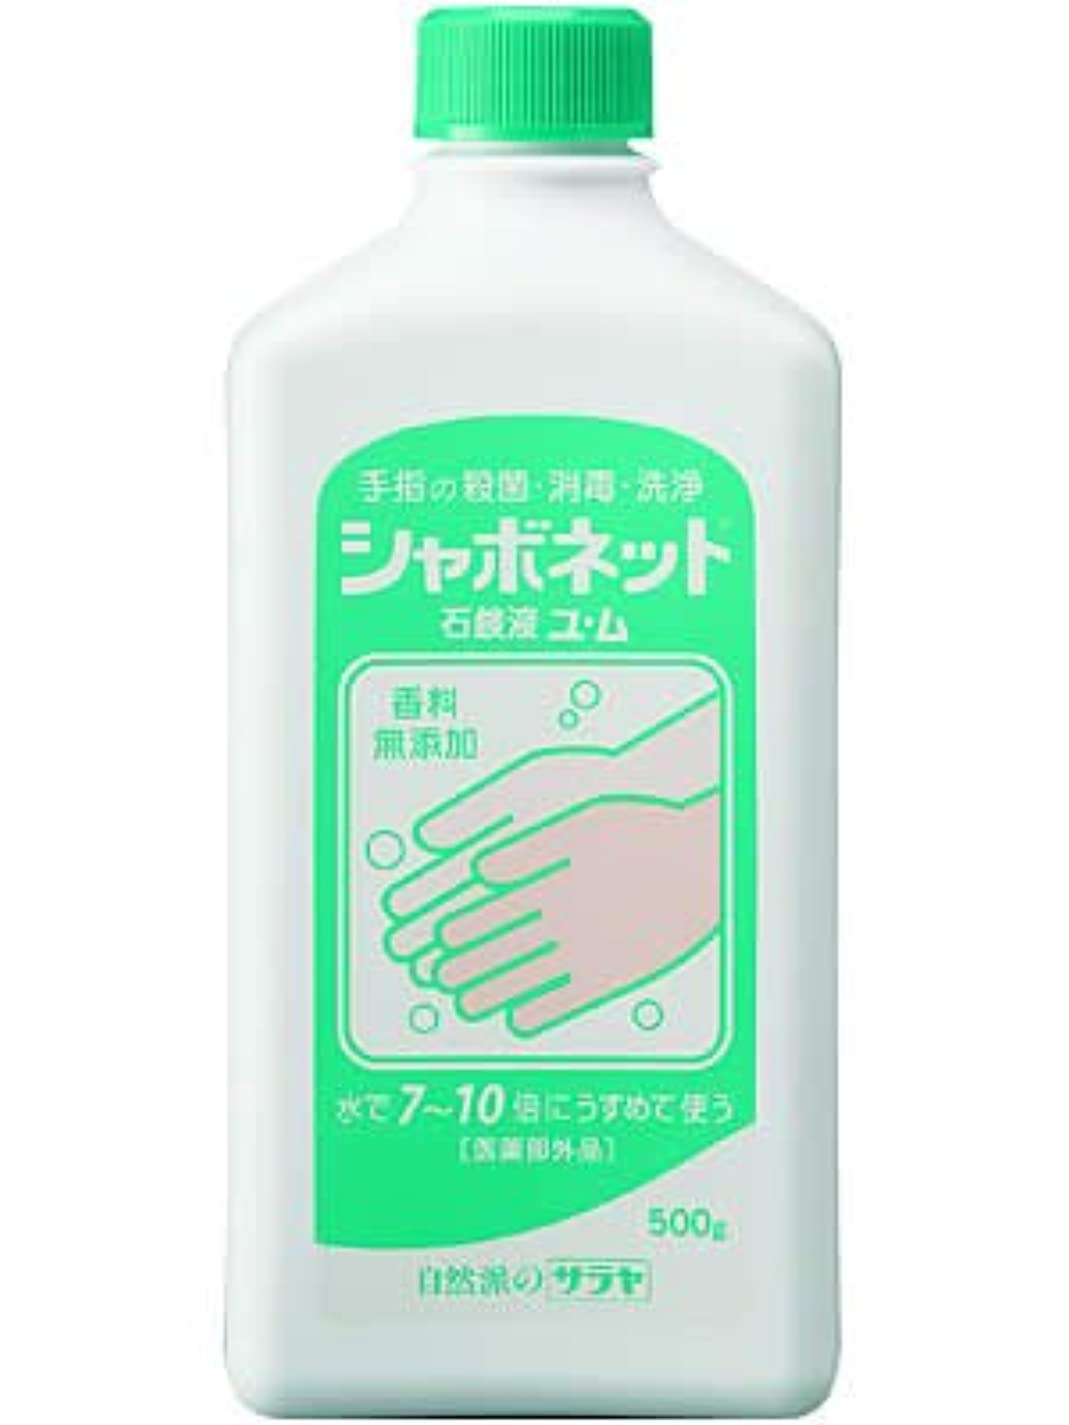 パプアニューギニアフォーカスパーティションシャボネット 石鹸液 ユ?ム 500g ×10個セット